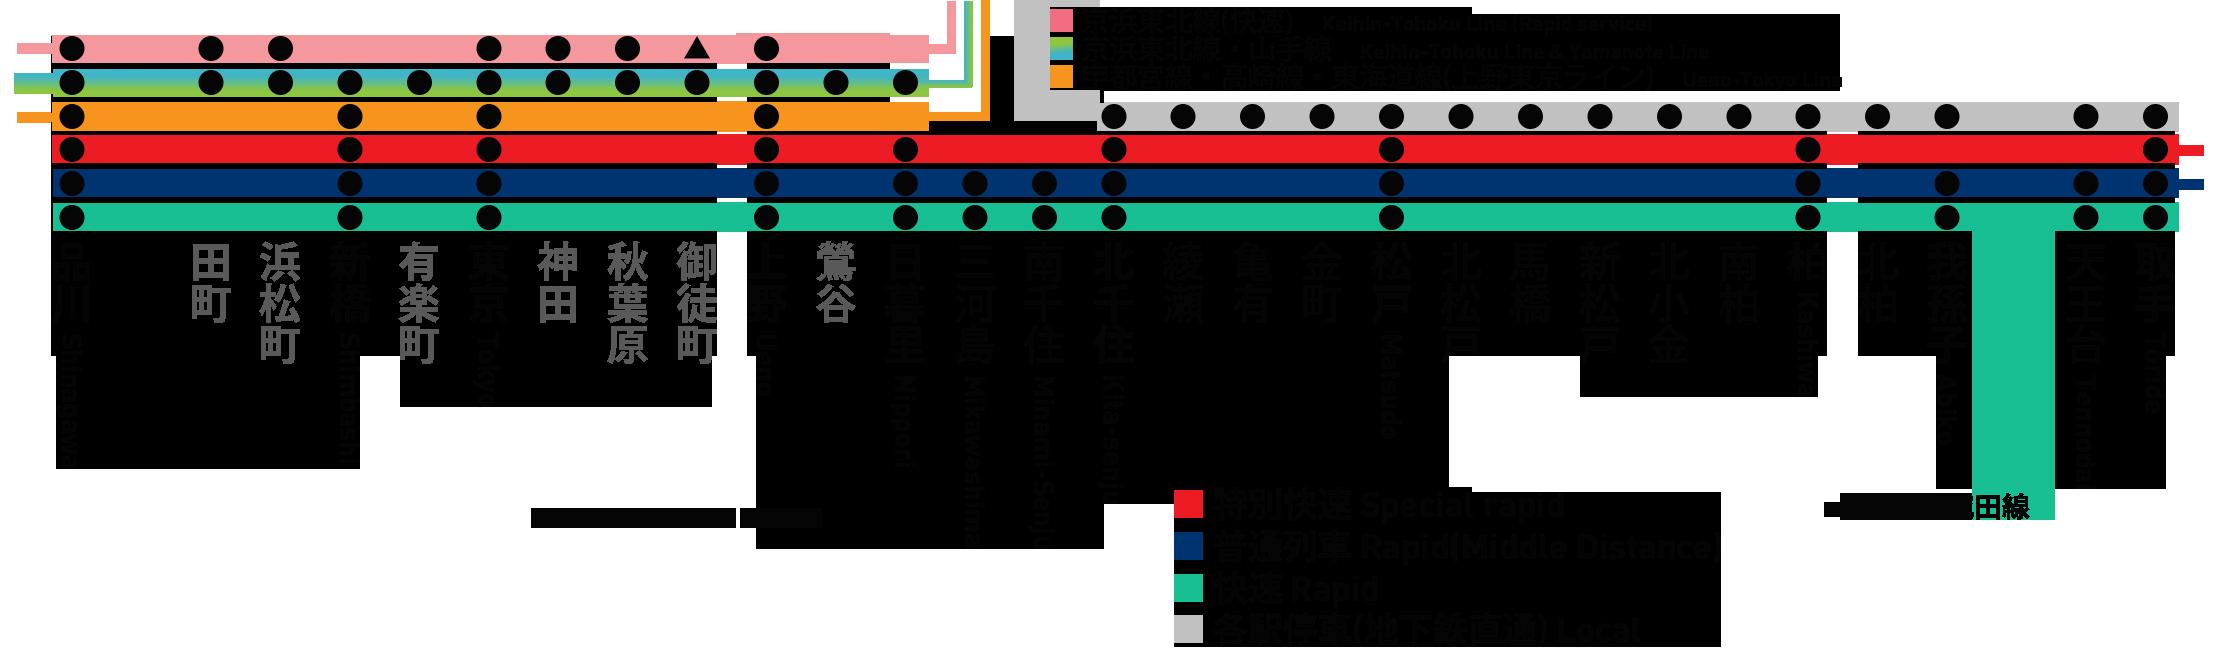 常磐線運転系統